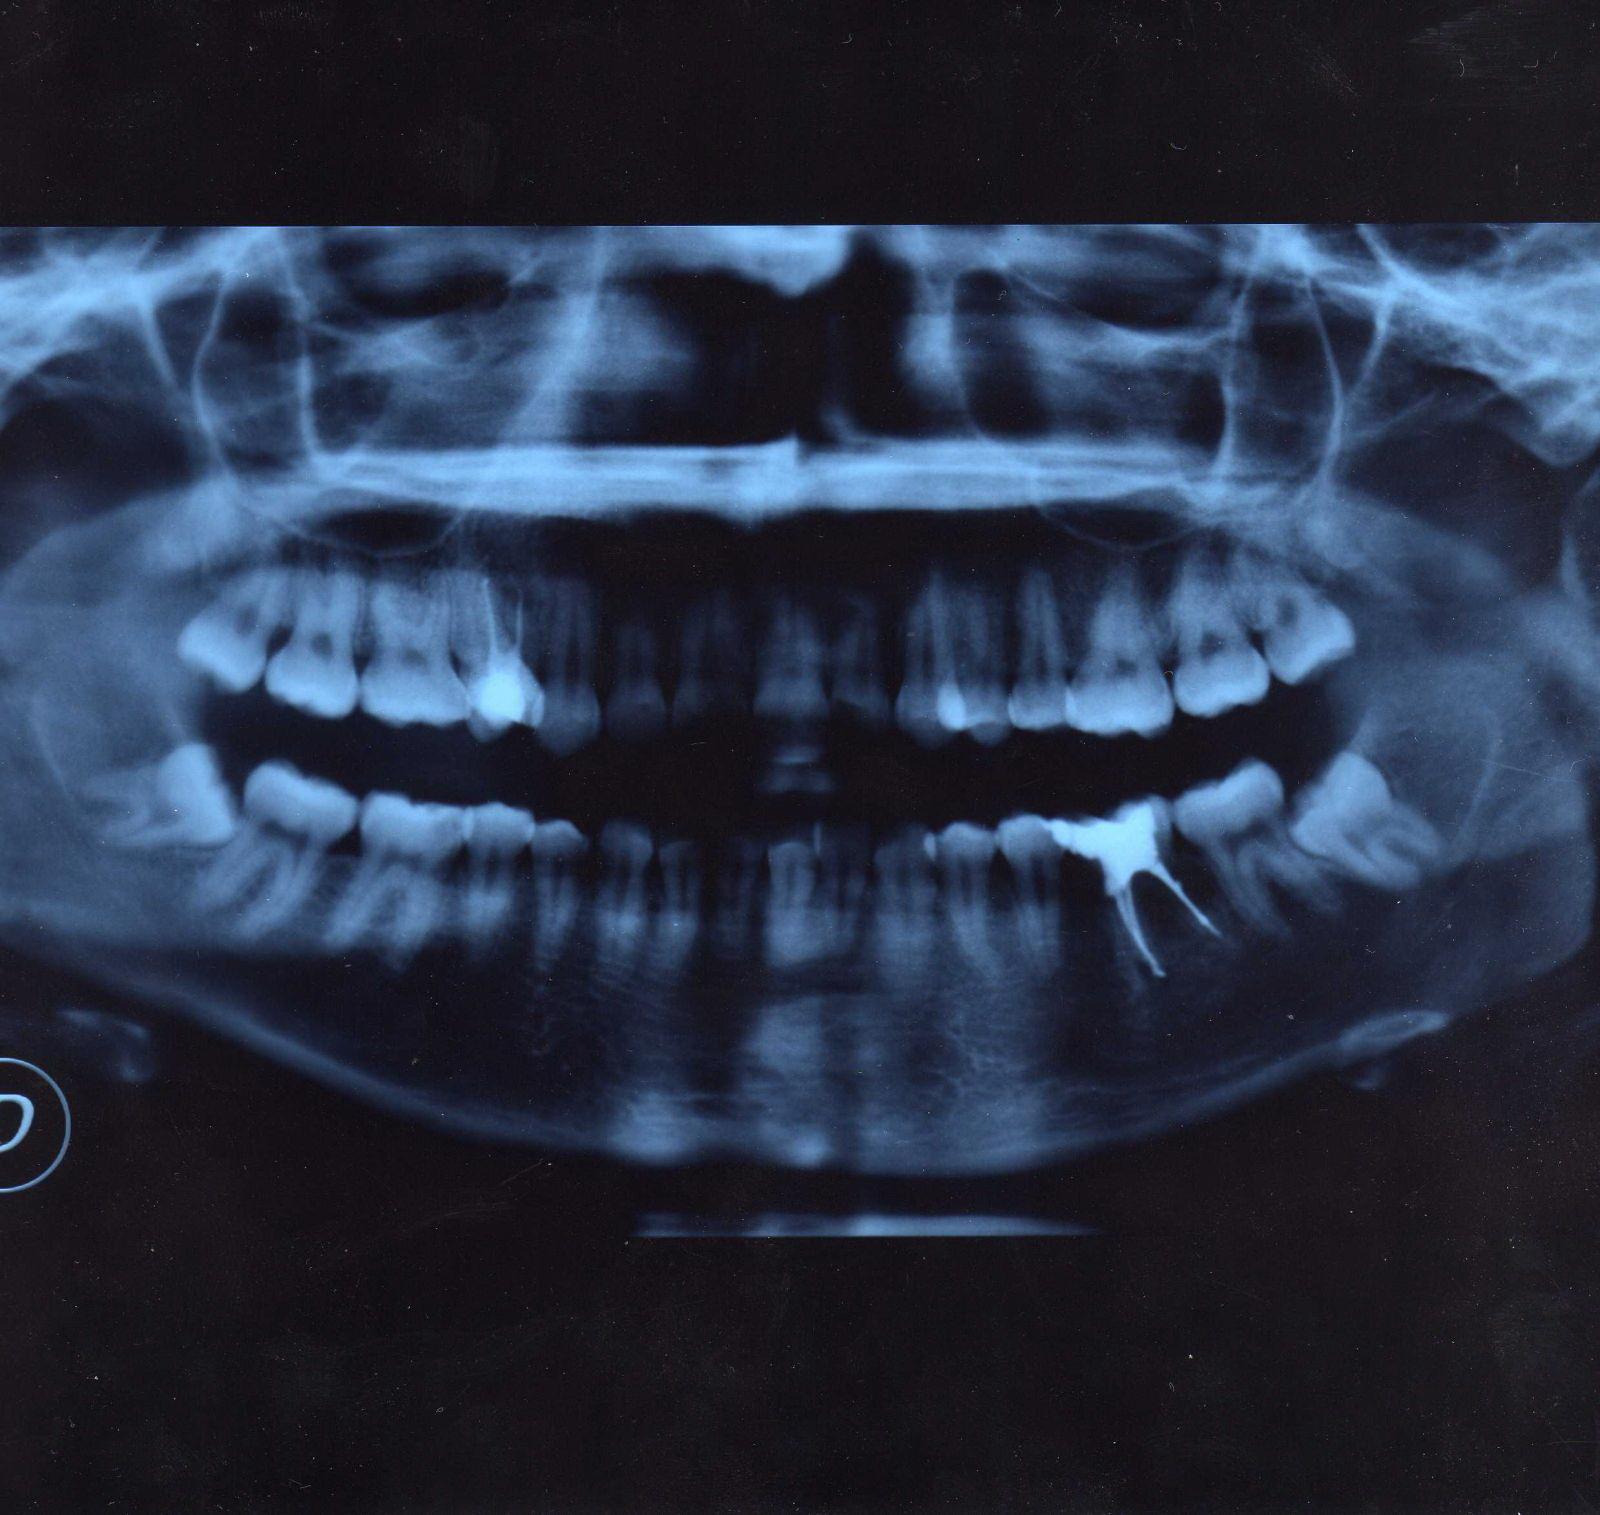 Seguito alla domanda: 10 anni fà ho portato un apparecchio fisso ai denti superiori